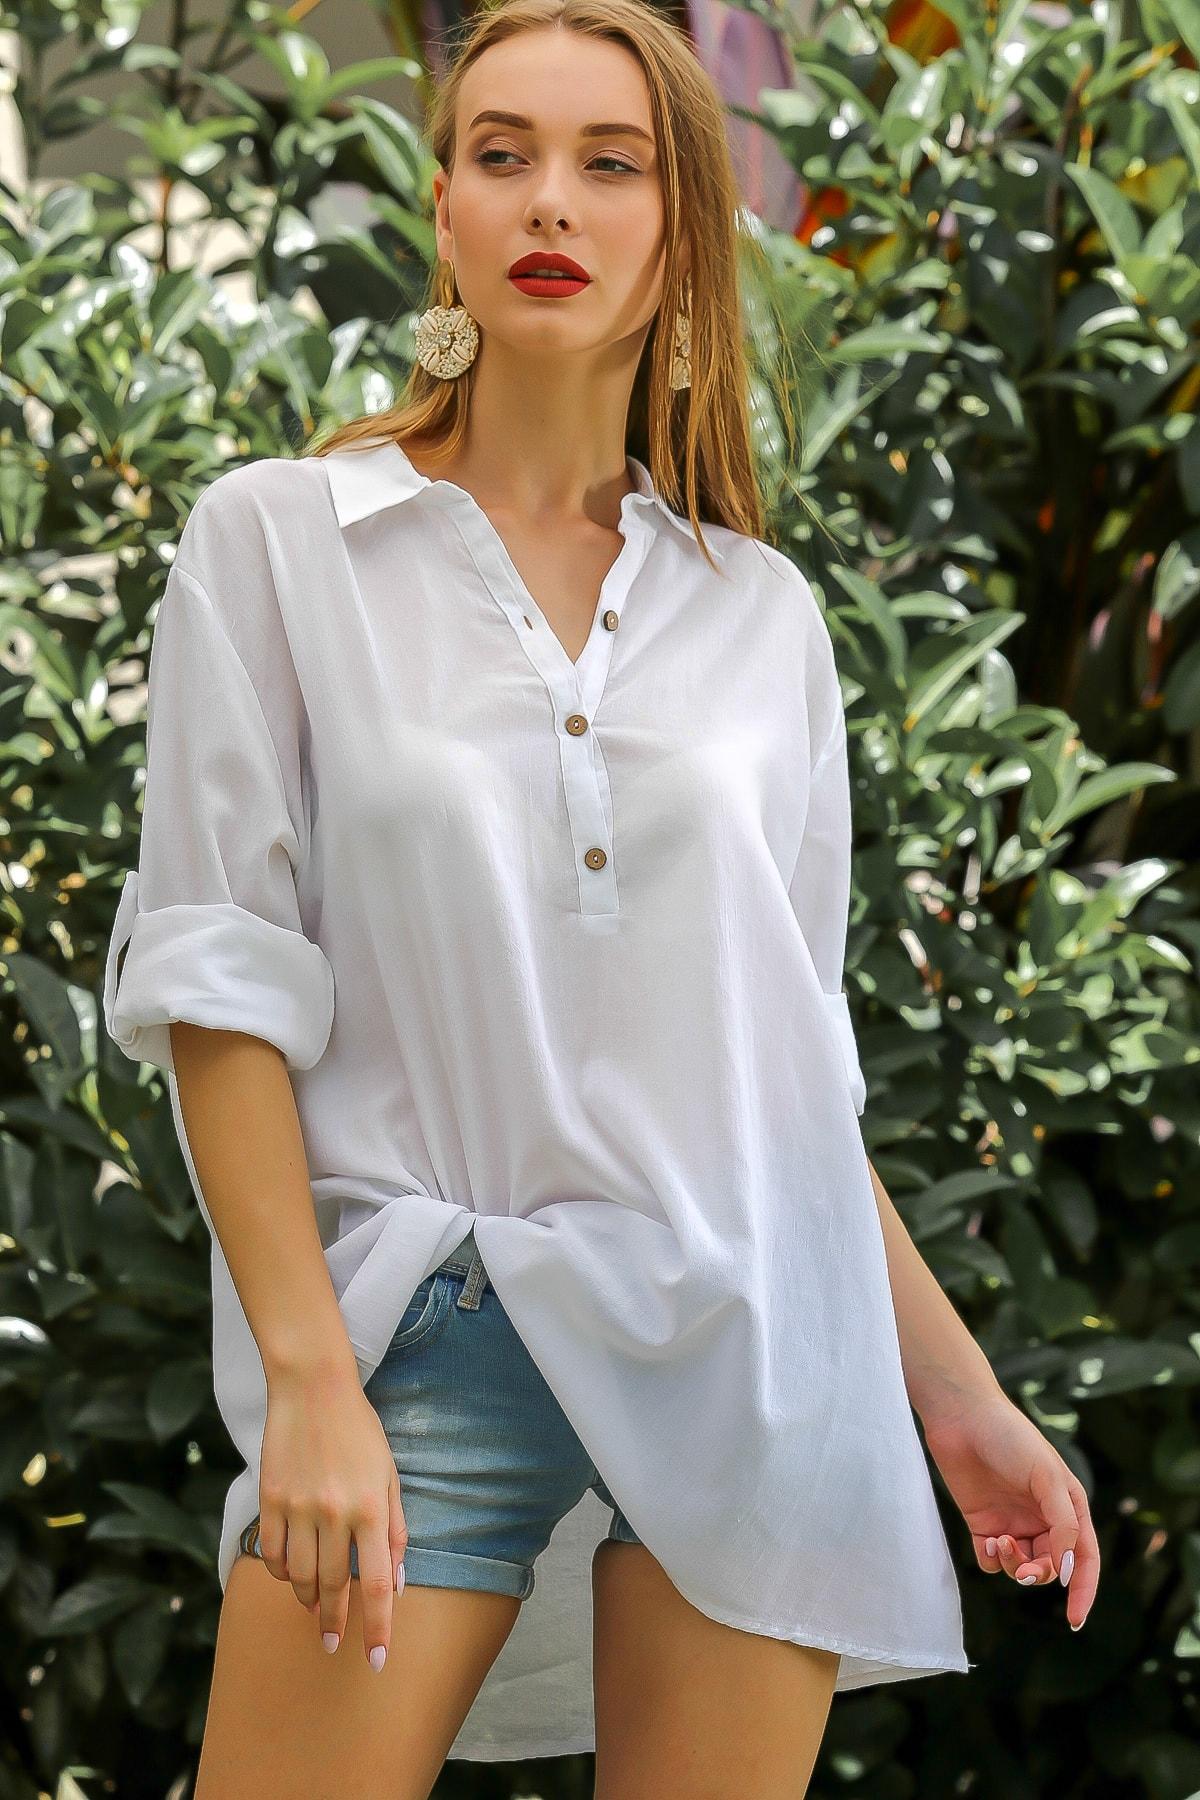 Kadın Beyaz Casual Gömlek Yaka Pat Detaylı Yıkamalı Tunik Bluz M10010200Bl96076